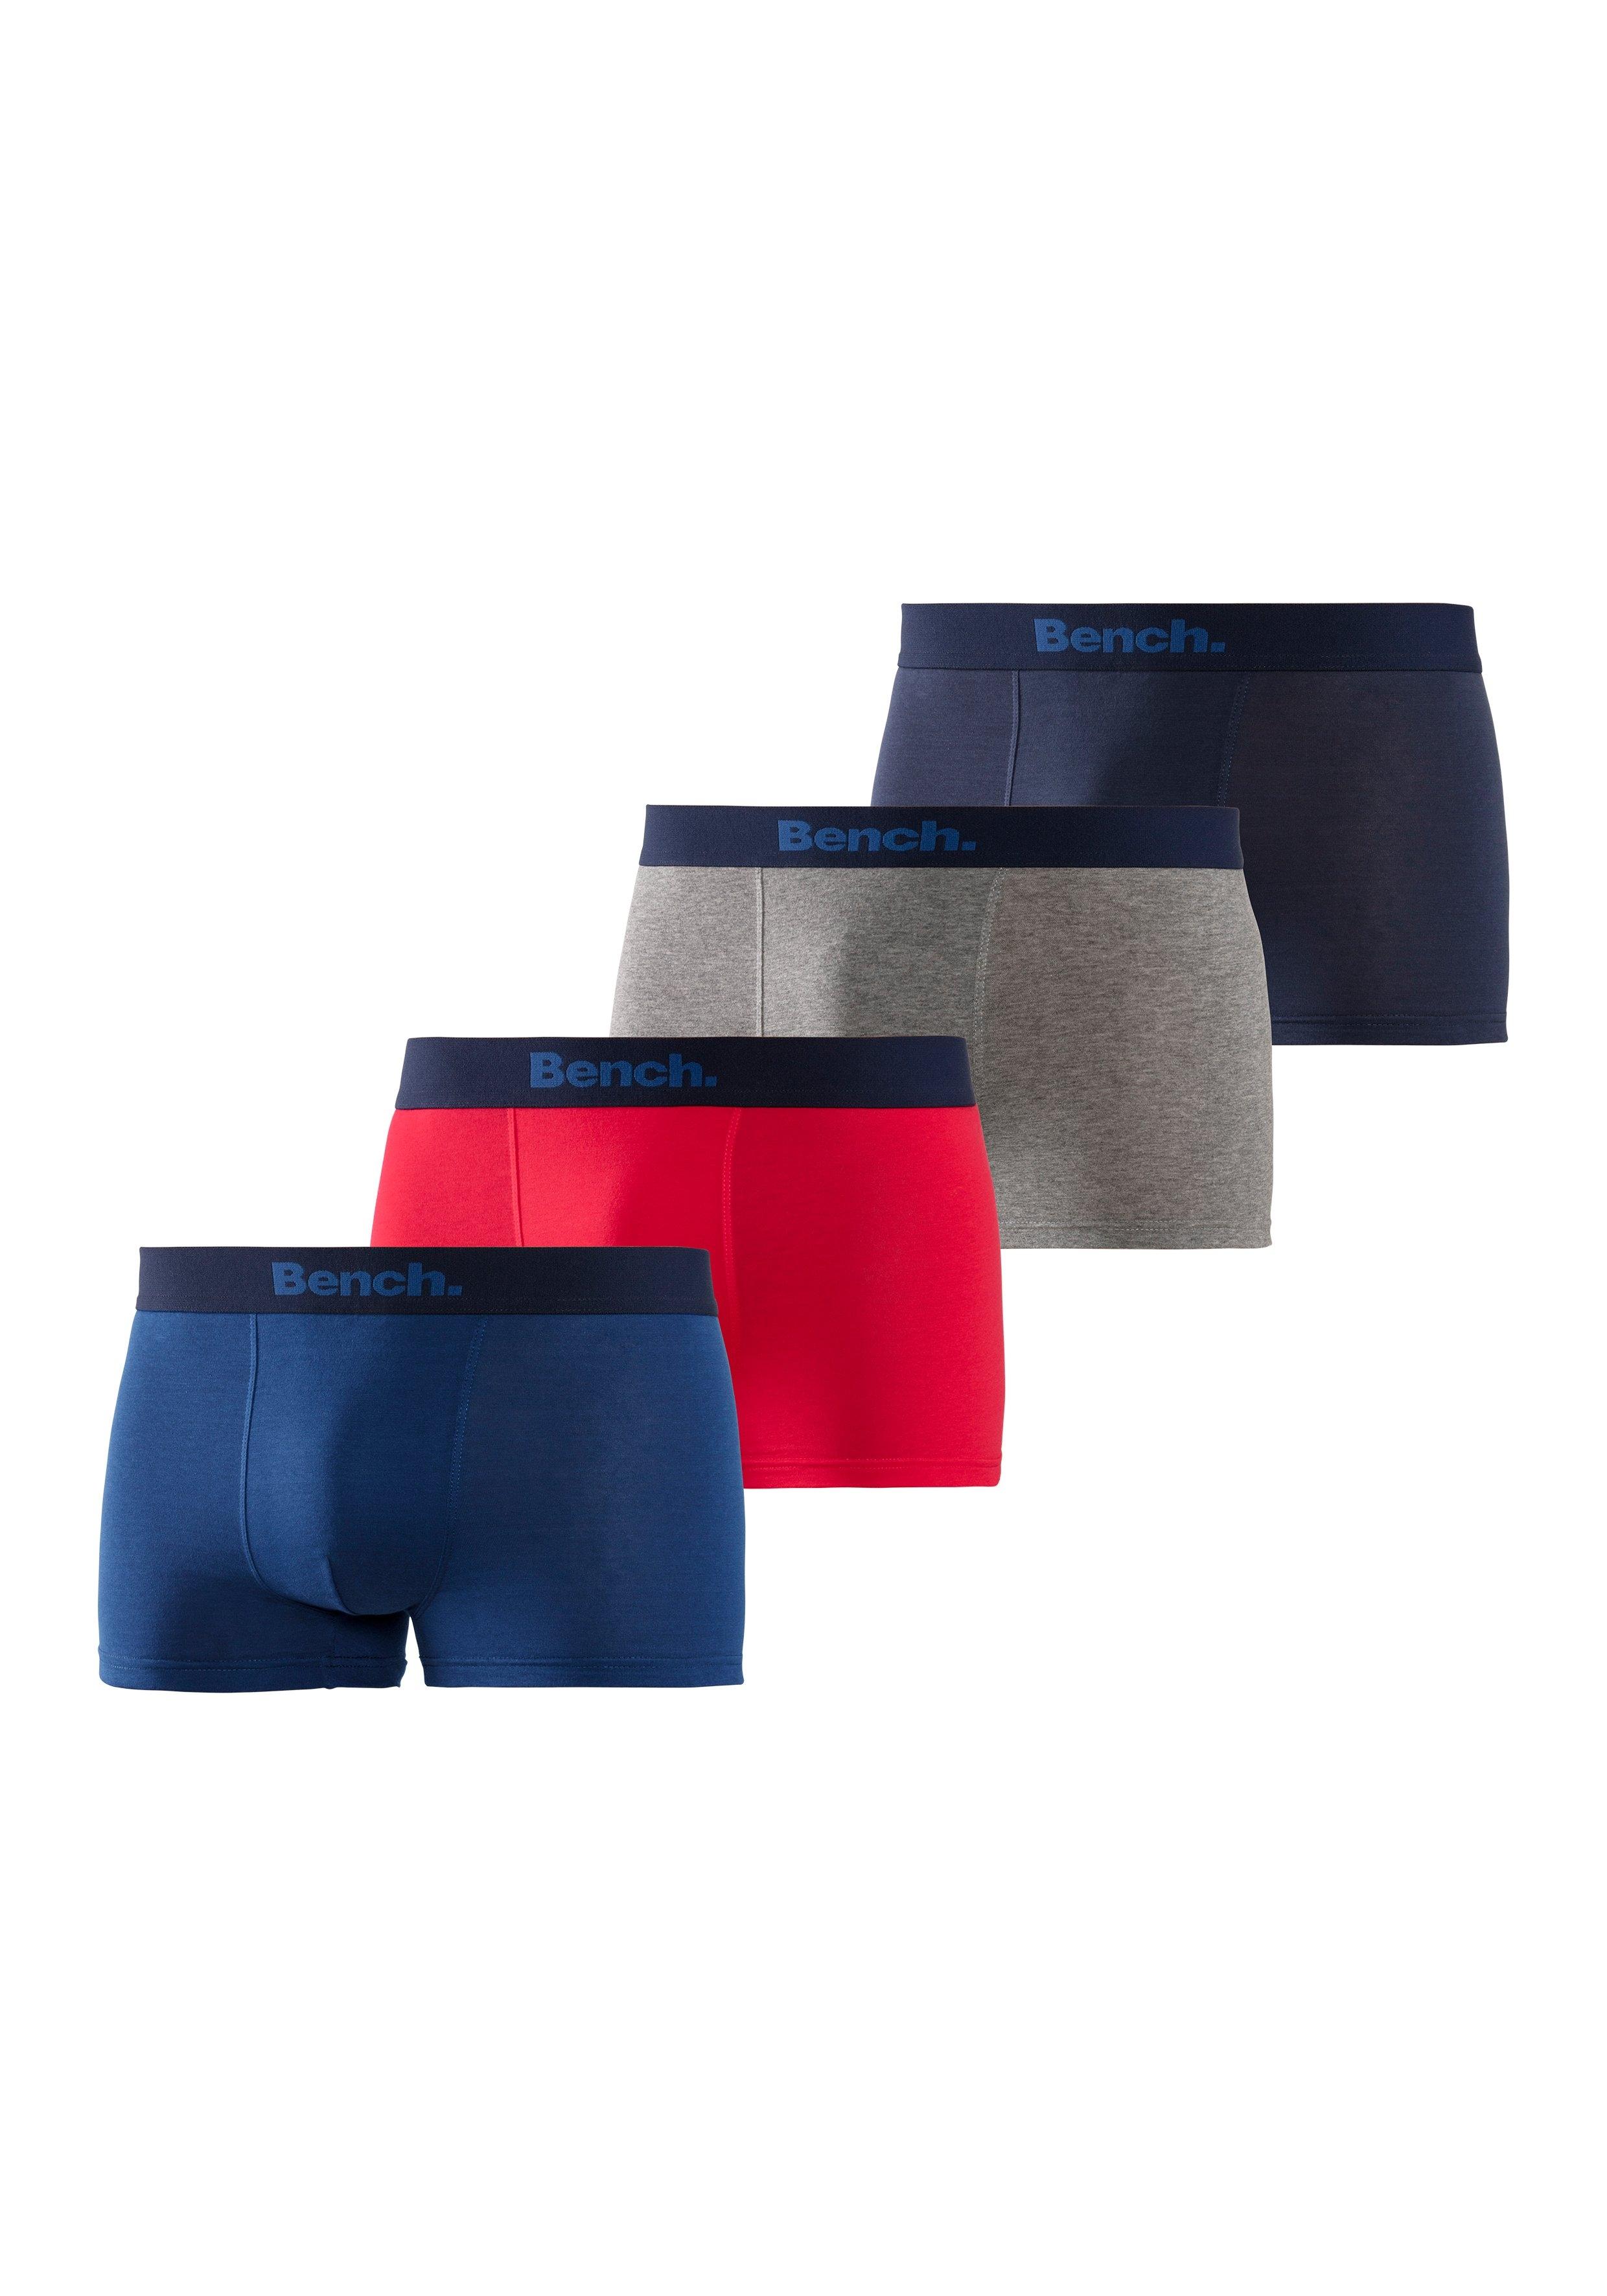 Bench. Boxershort met modieuze strepen (4 stuks) voordelig en veilig online kopen